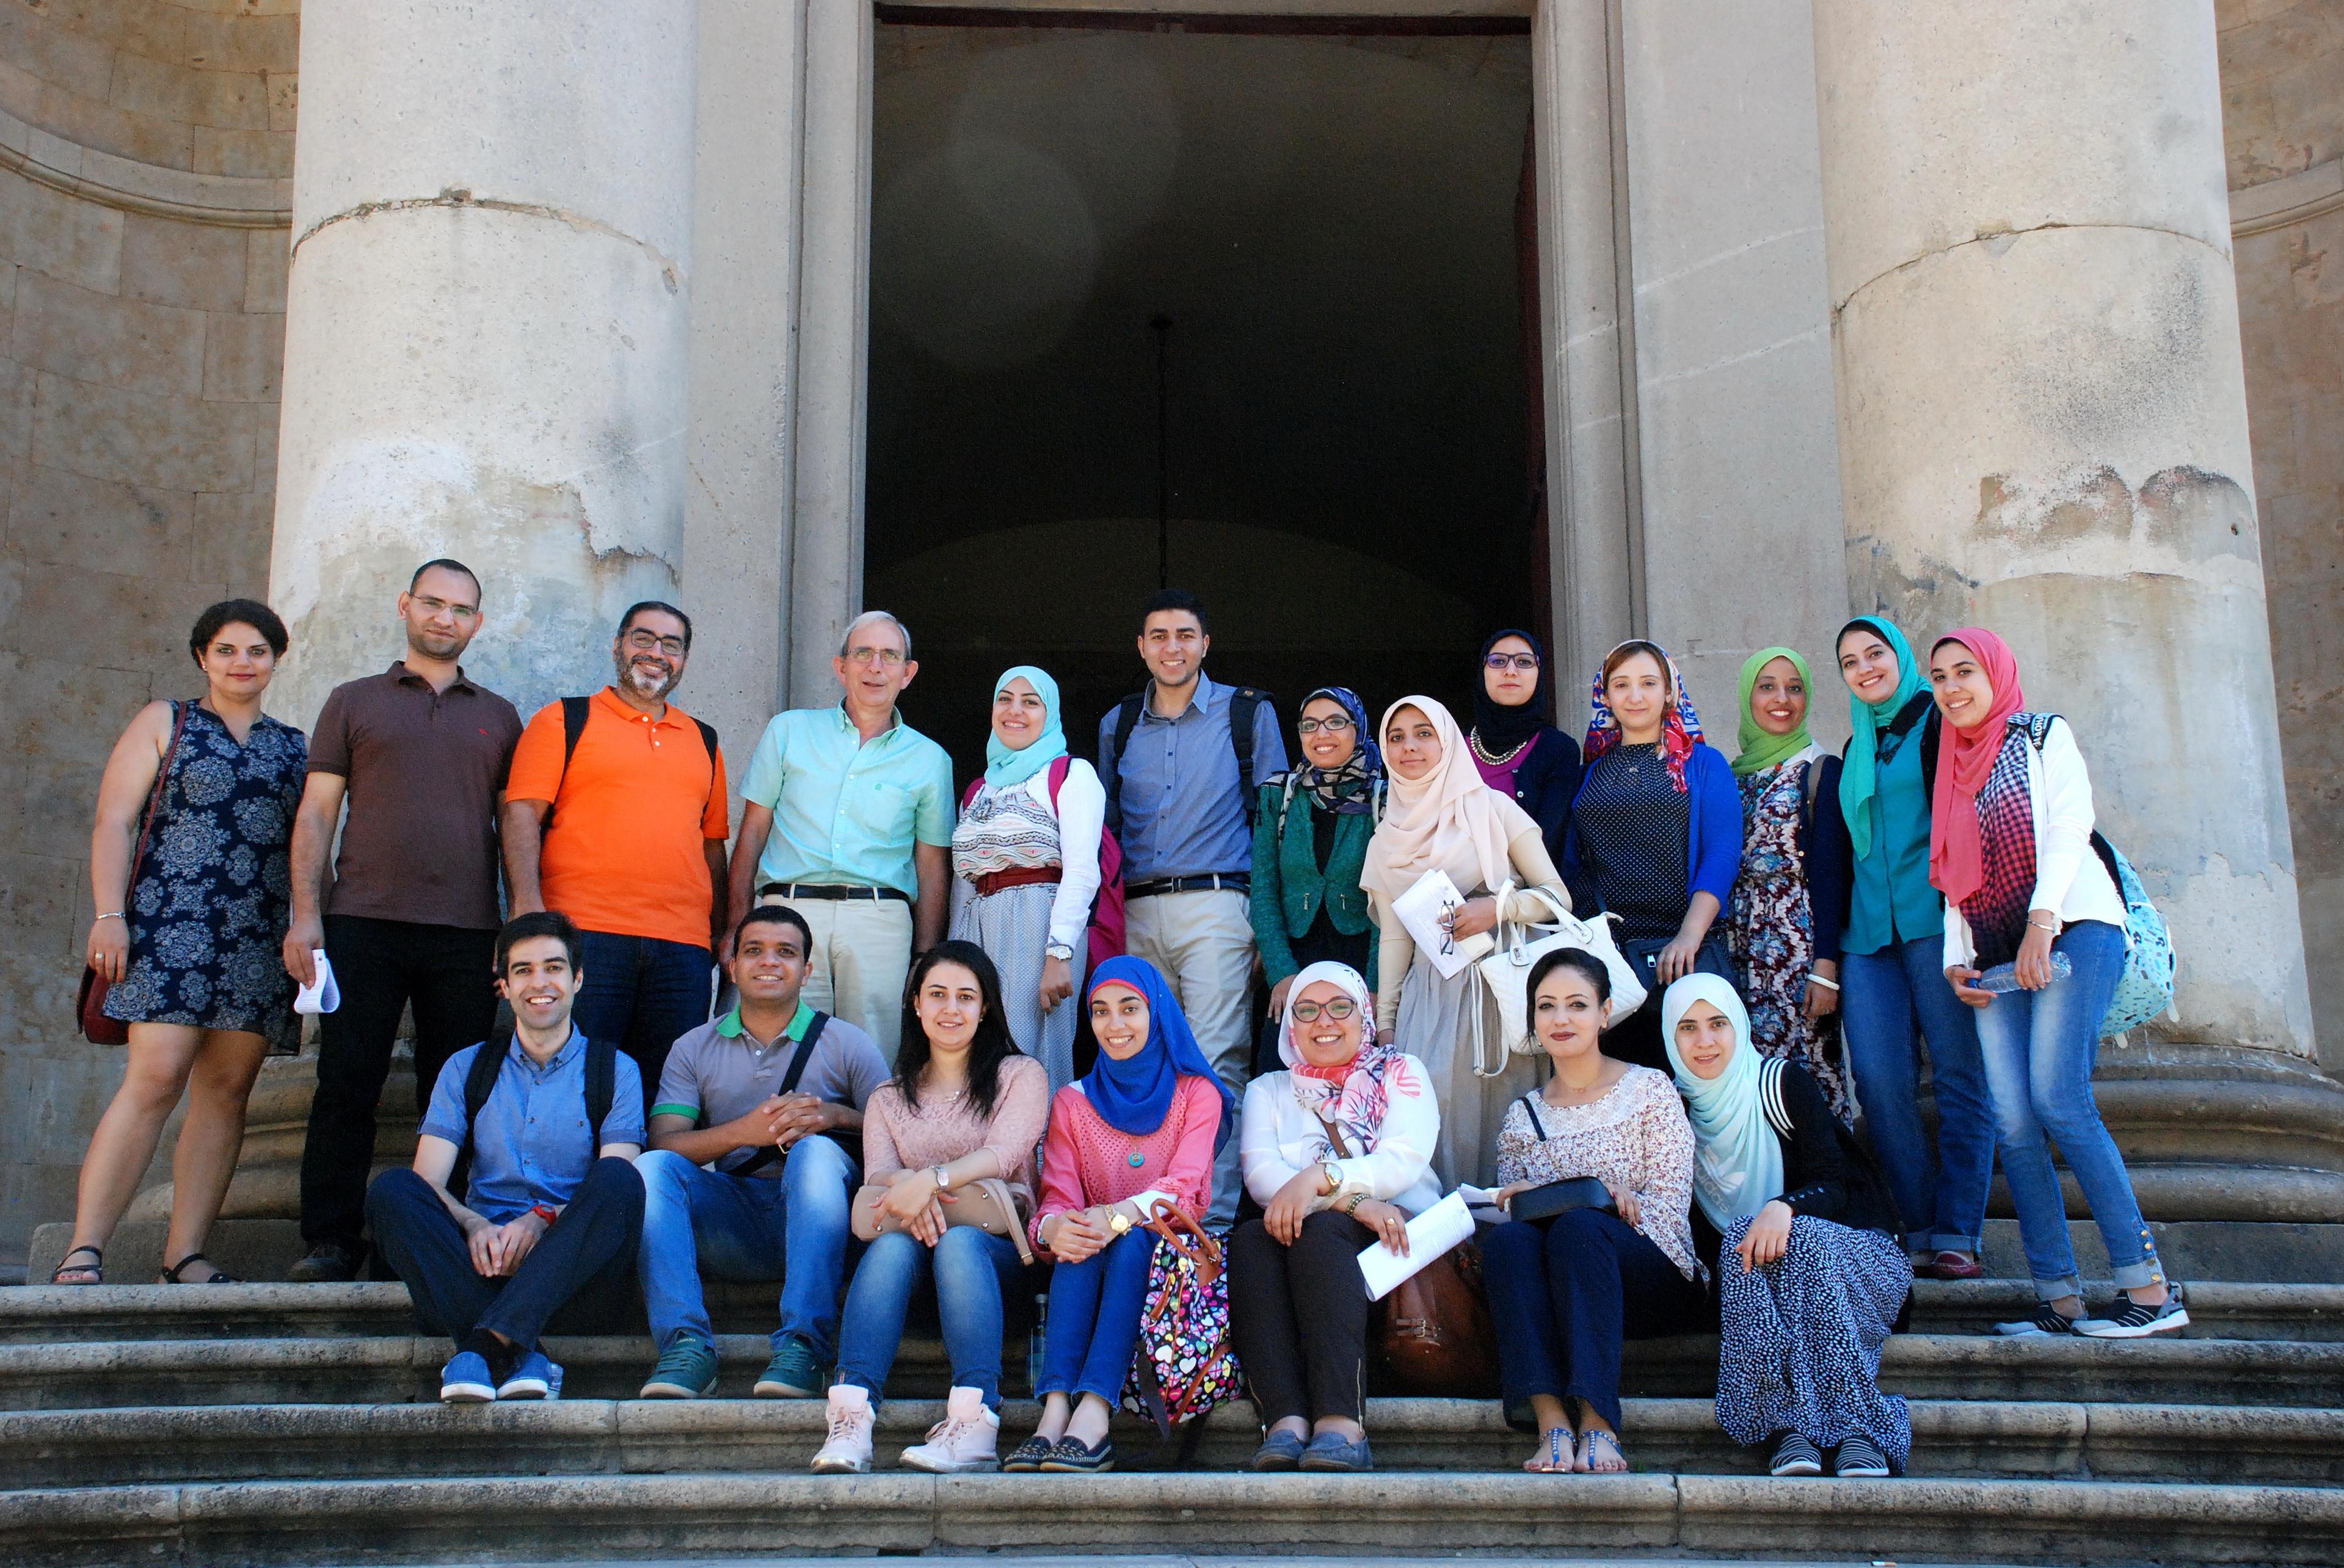 La Universidad de Salamanca recibe a 18 estudiantes procedentes de Egipto para realizar un curso de español